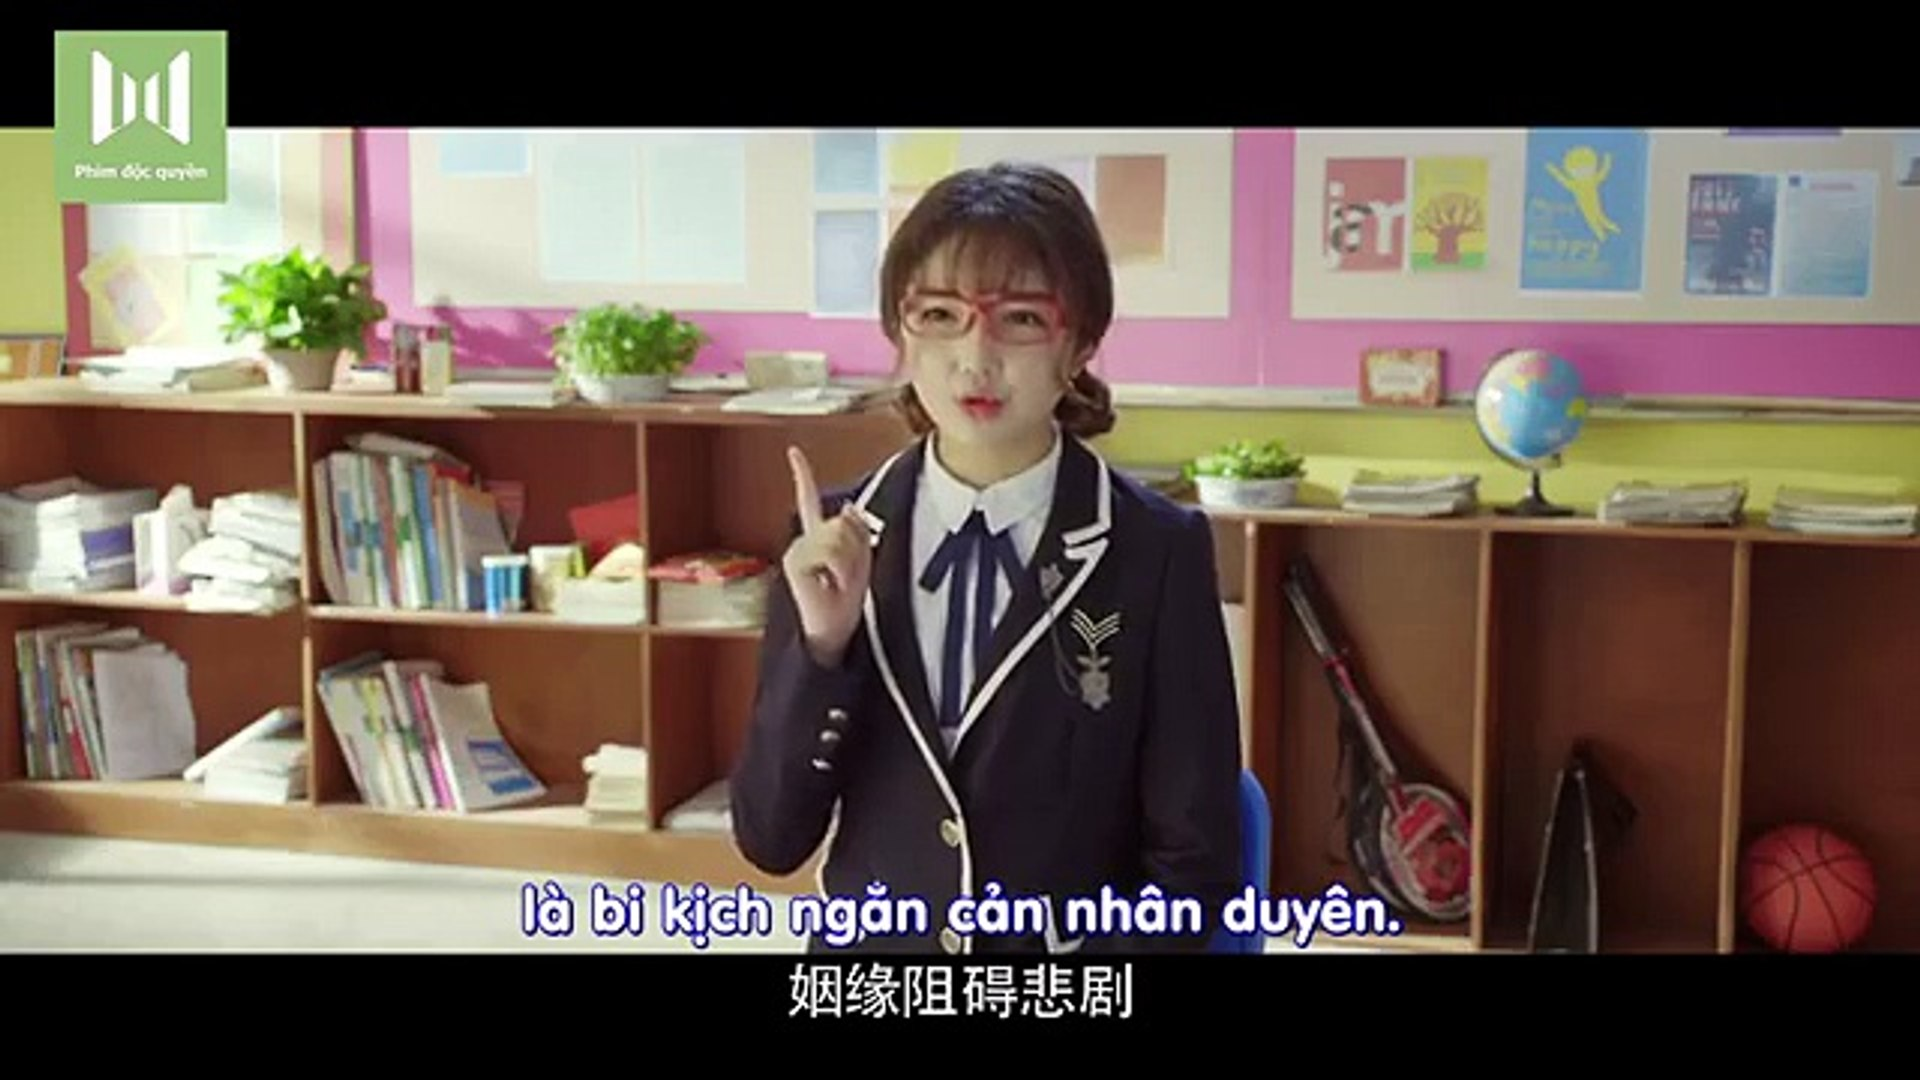 Lớp Trưởng Đại Nhân Tập 8 ( Vietsub ) - Phim Tình Yêu Học Đường Hay Nhất 2017